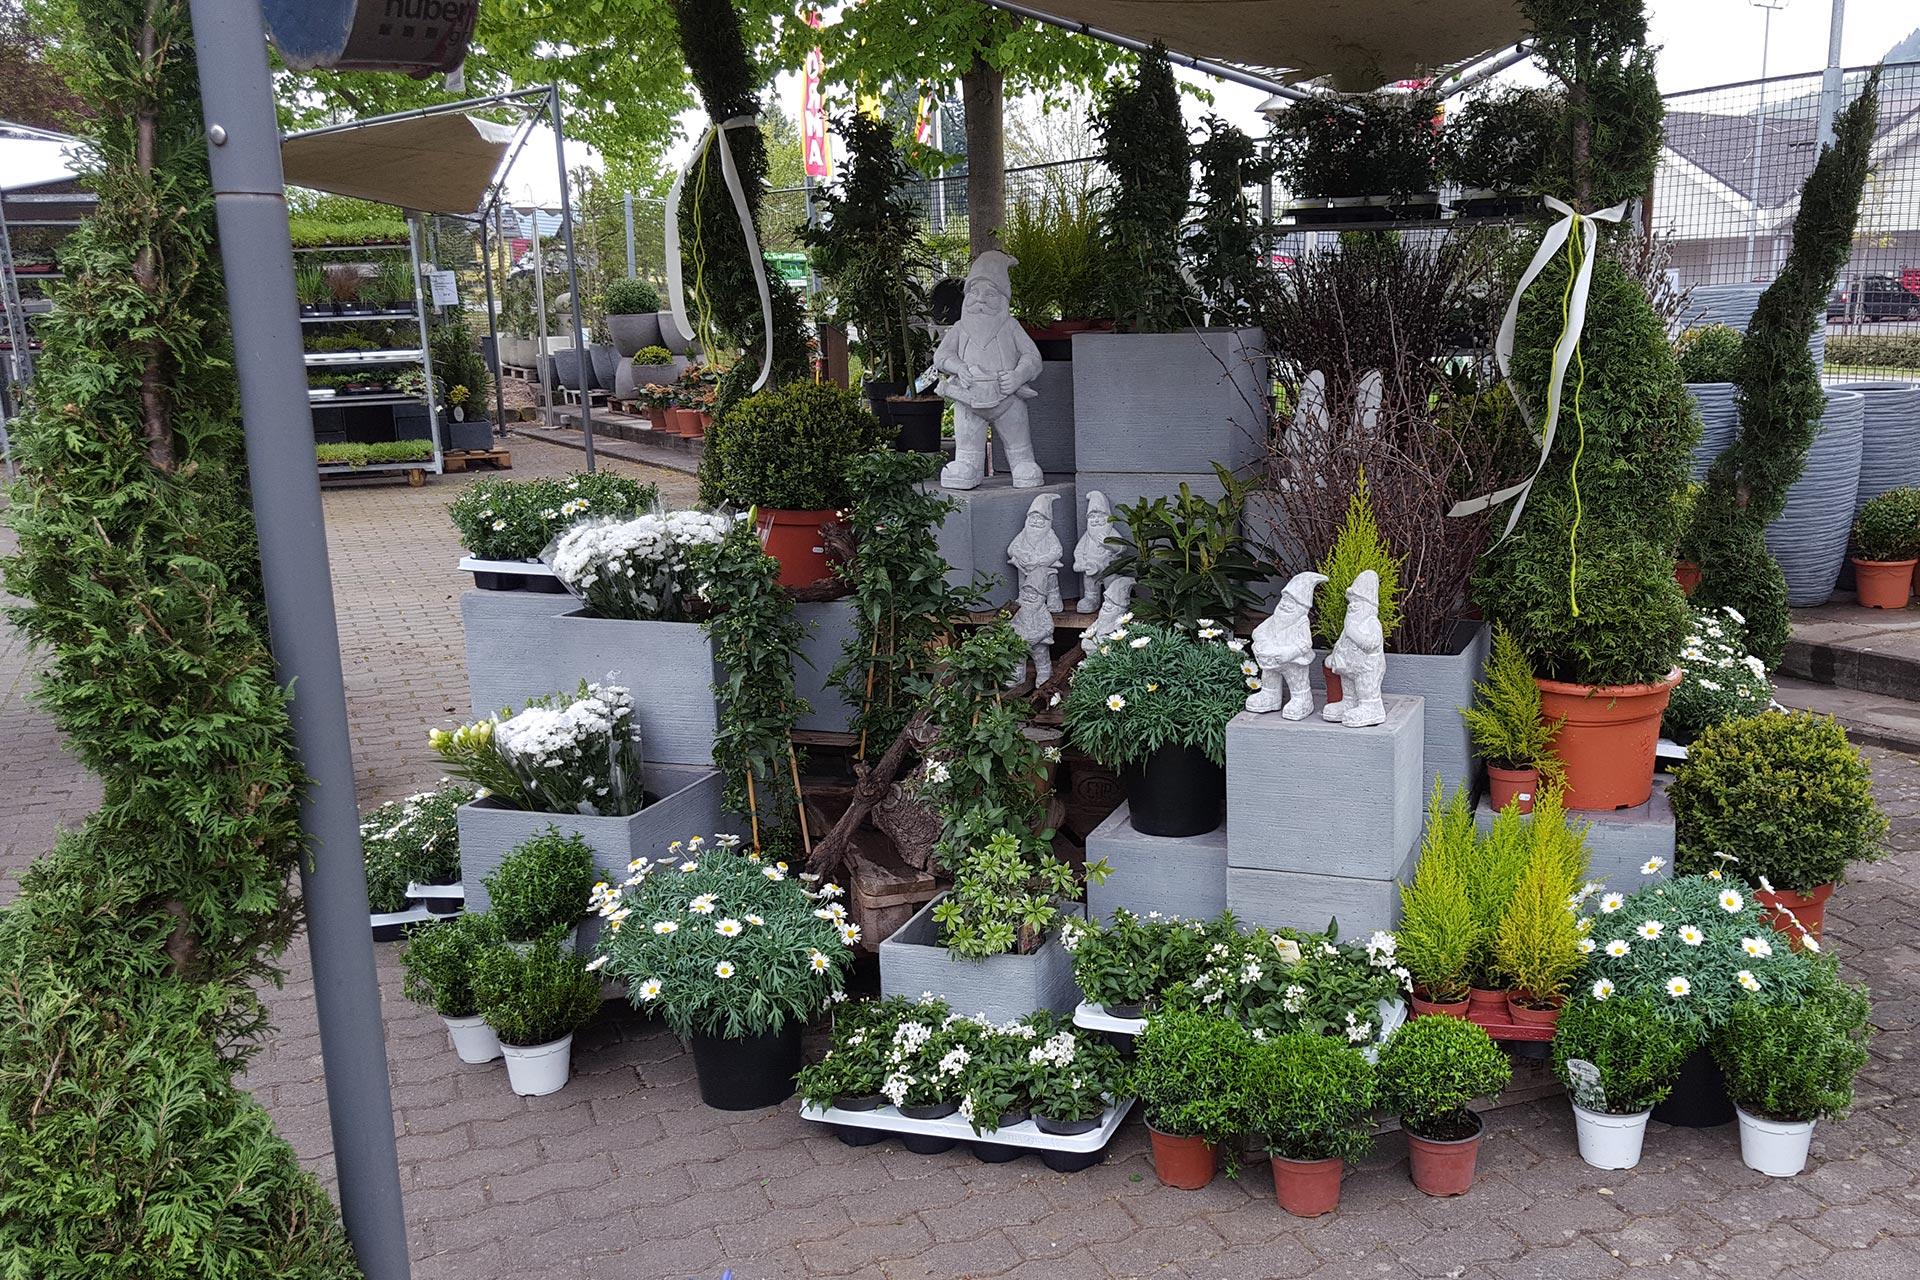 14 - Das Blumen- & Gartencenter Longuich